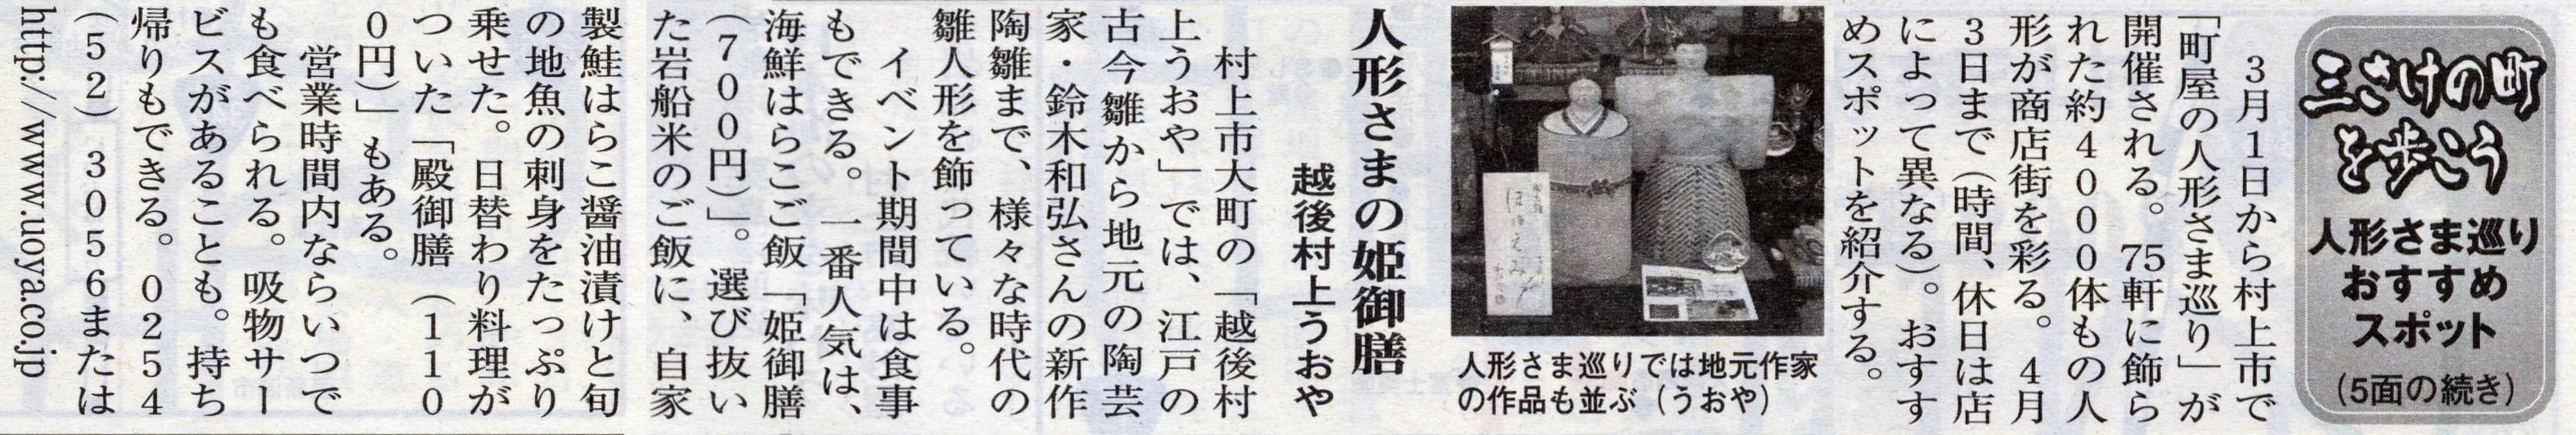 asahi2008032